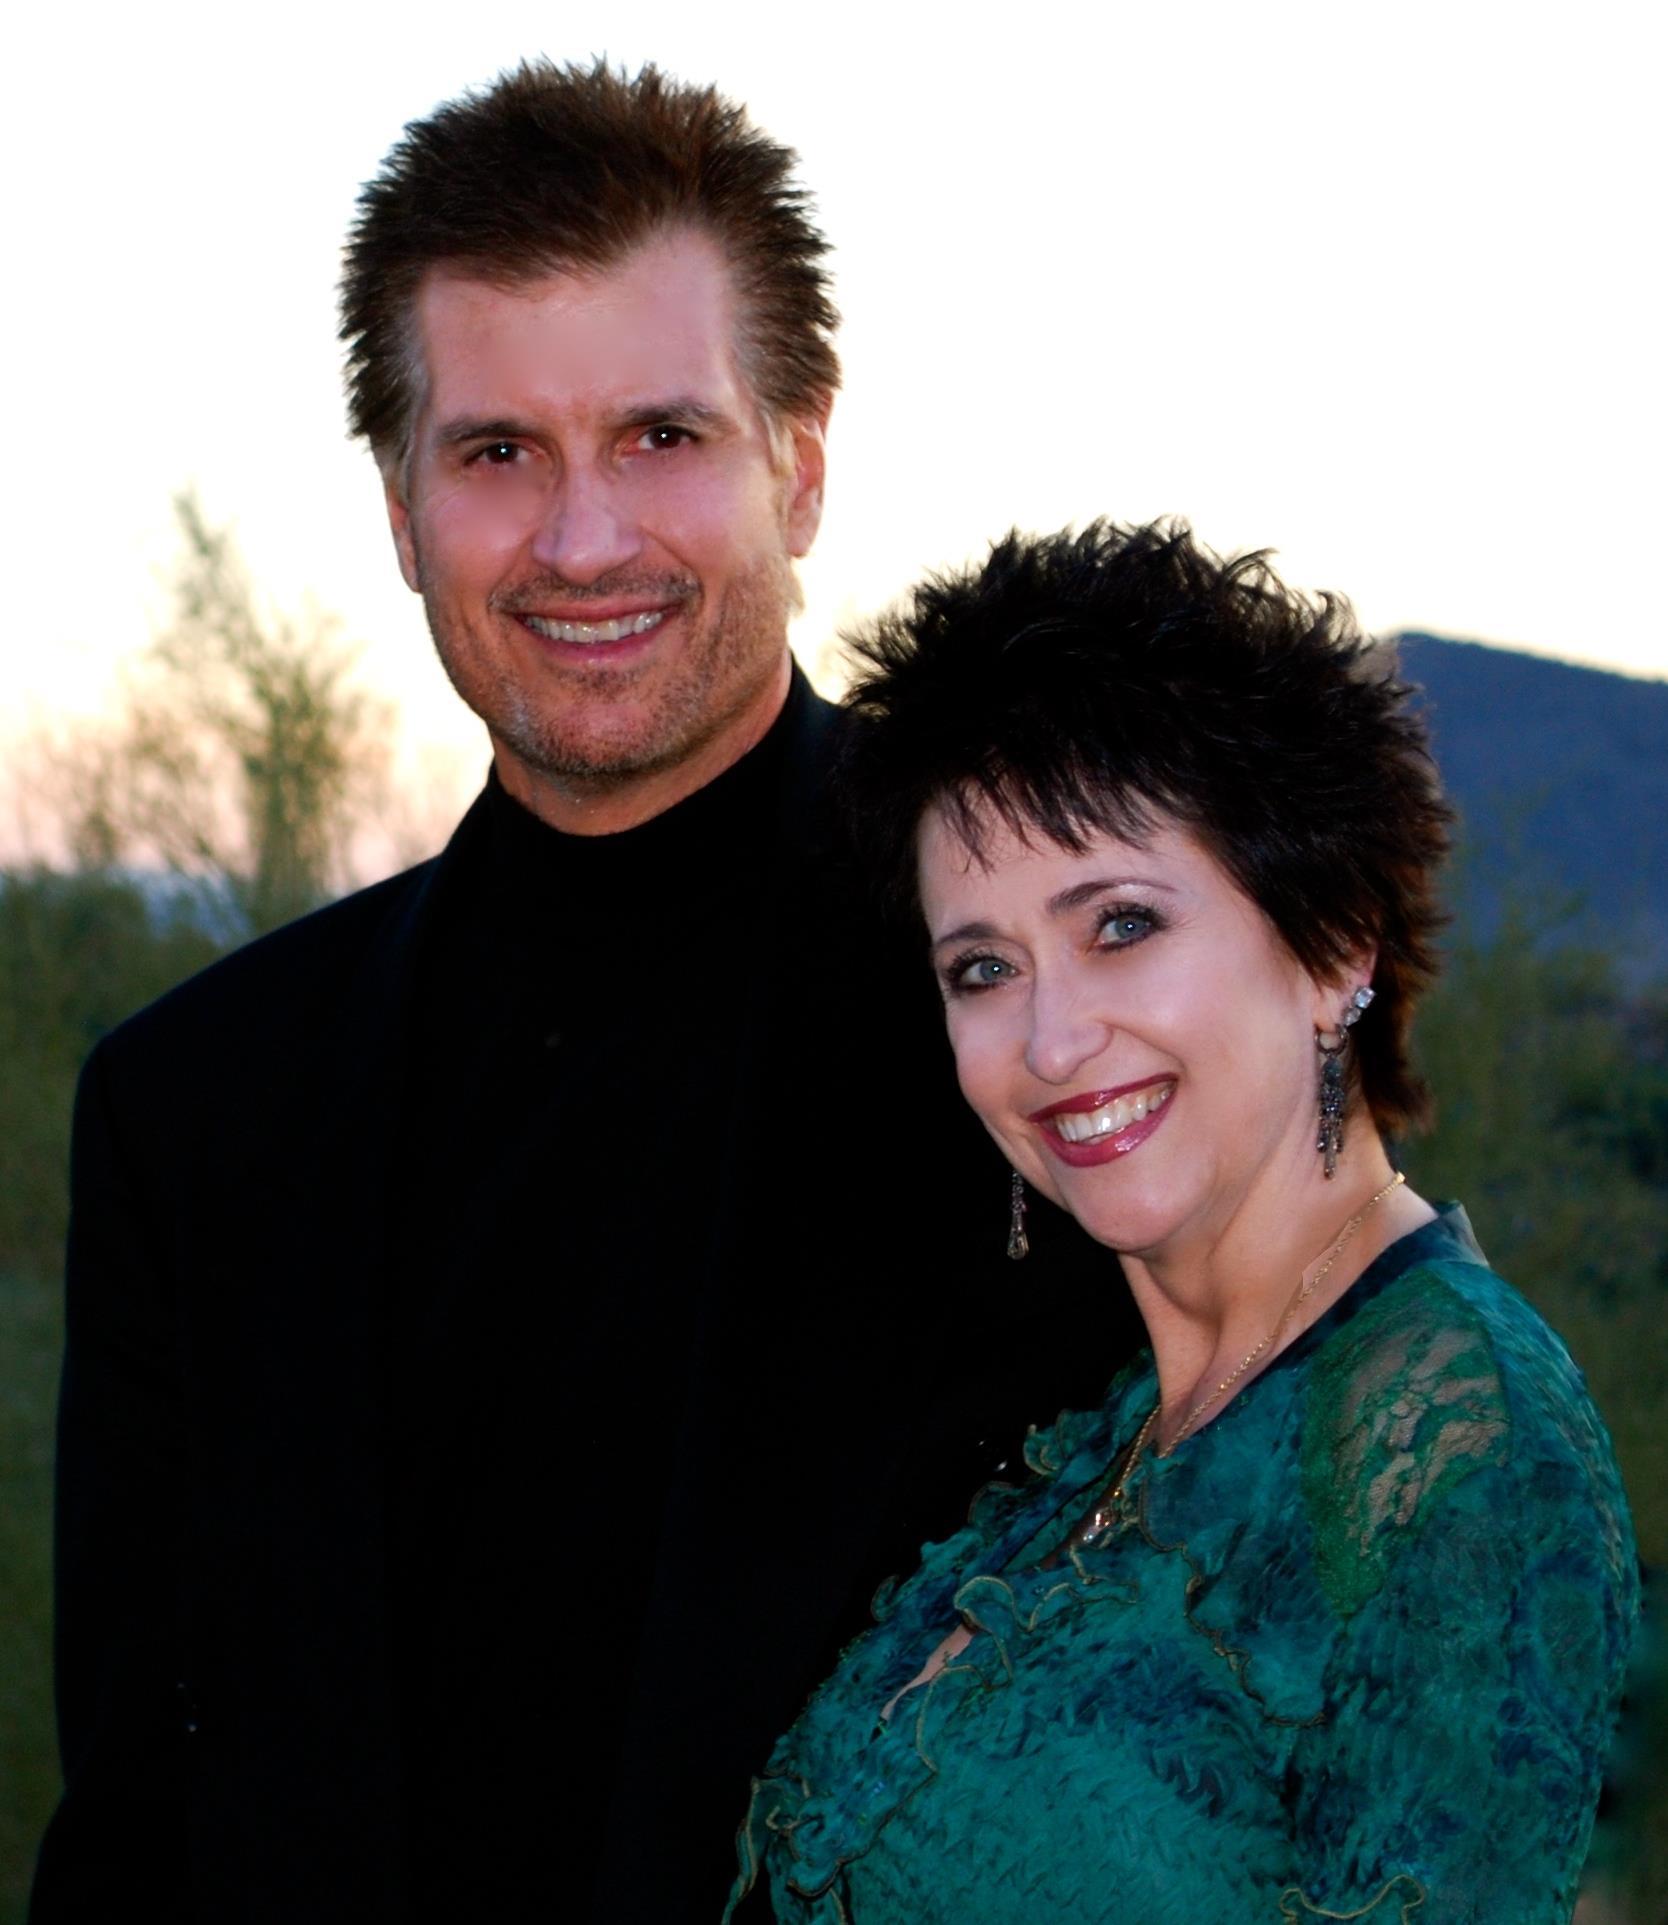 O'Brien & O'Brien (Lisa & Mike)